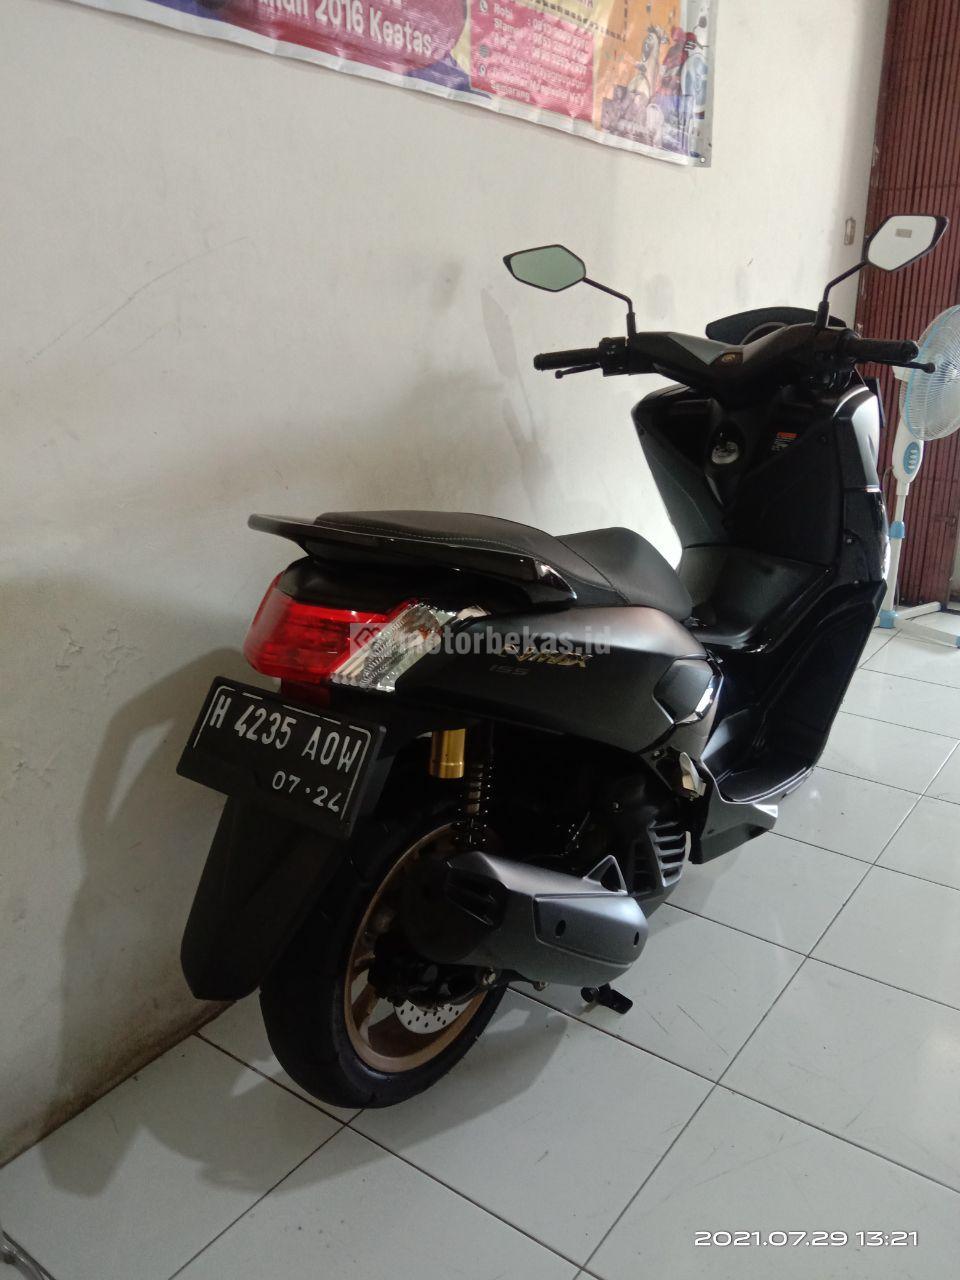 YAMAHA NMAX 155  3643 motorbekas.id